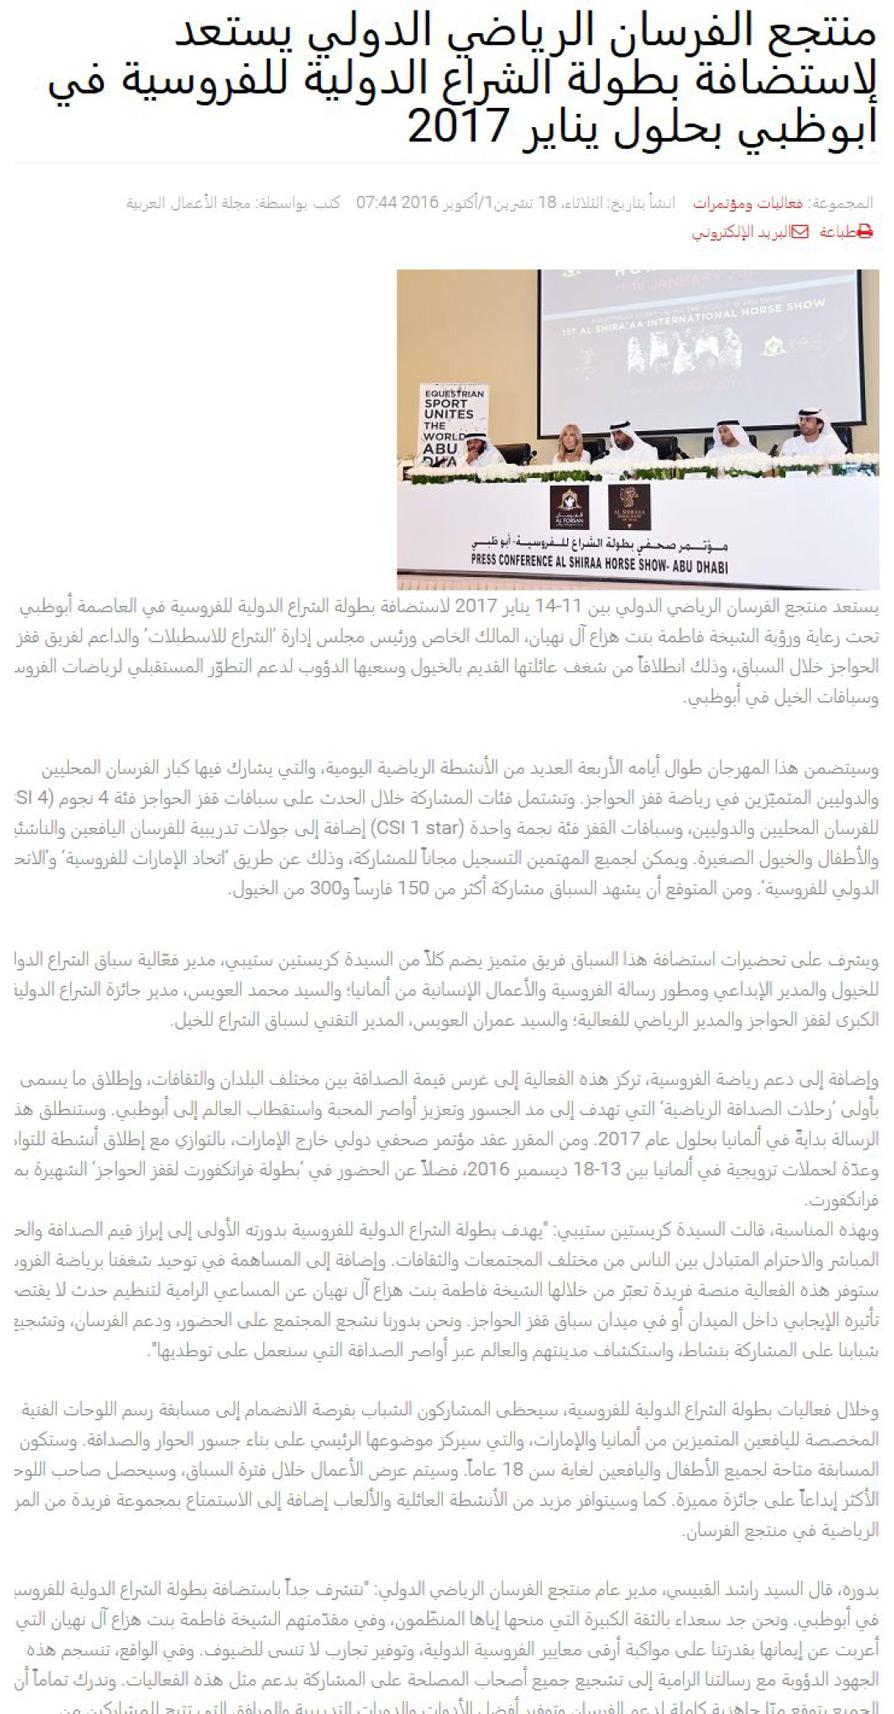 2016-10-Al-Forsan-Al-Shira-aa-Int-Horse-show-Abu-Dhabi-s24